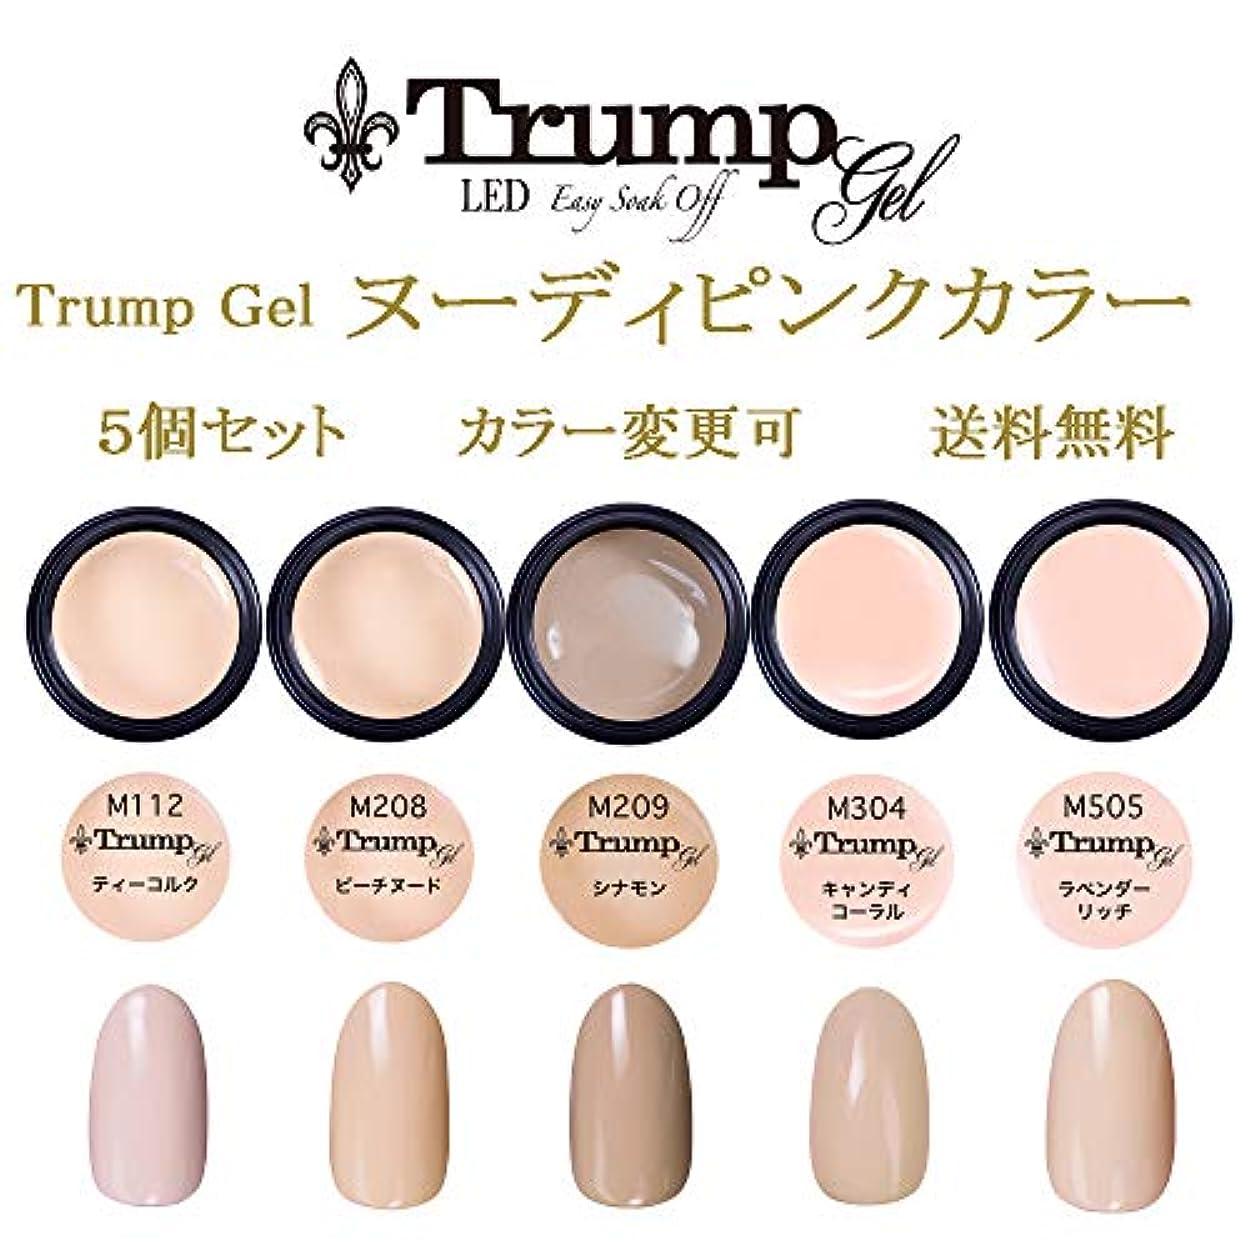 路面電車床を掃除する作成者日本製 Trump gel トランプジェル ヌーディピンク 選べる カラージェル 5個セット ピンク ベージュ ヌーディカラー